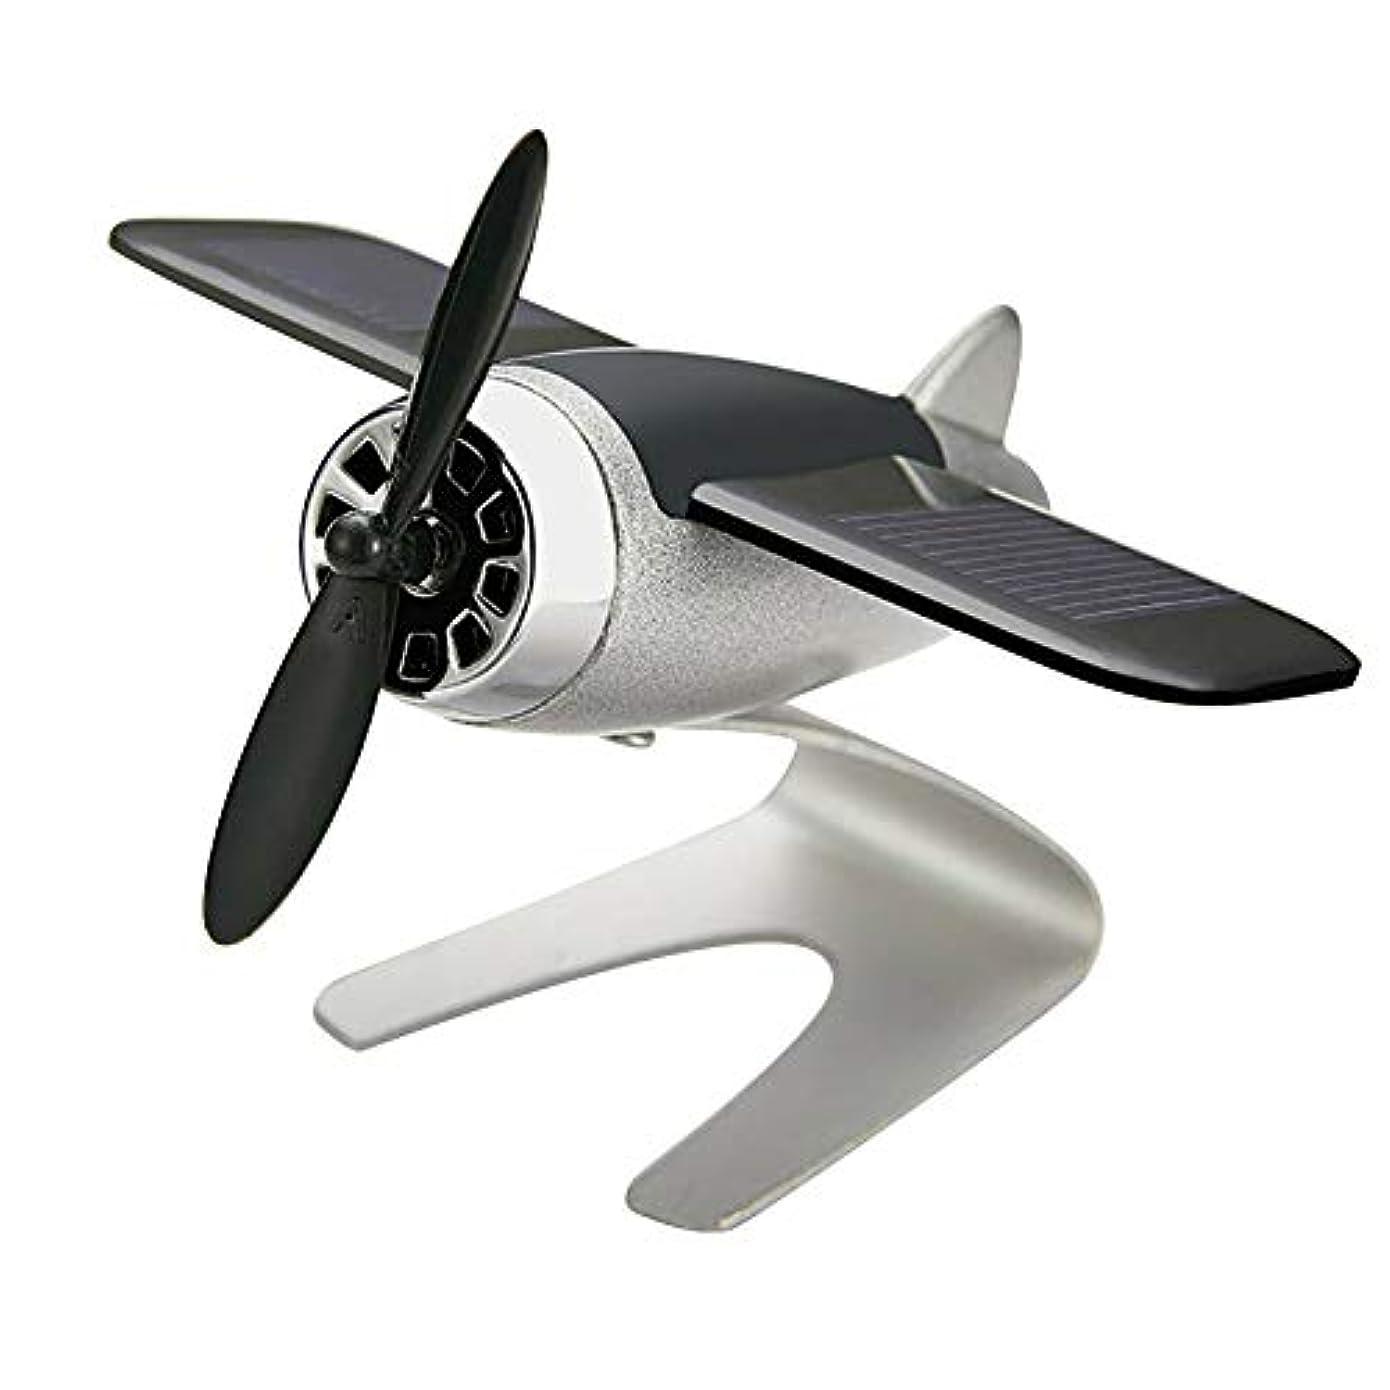 フロントバック気怠いSymboat 車の芳香剤飛行機航空機モデル太陽エネルギーアロマテラピー室内装飾